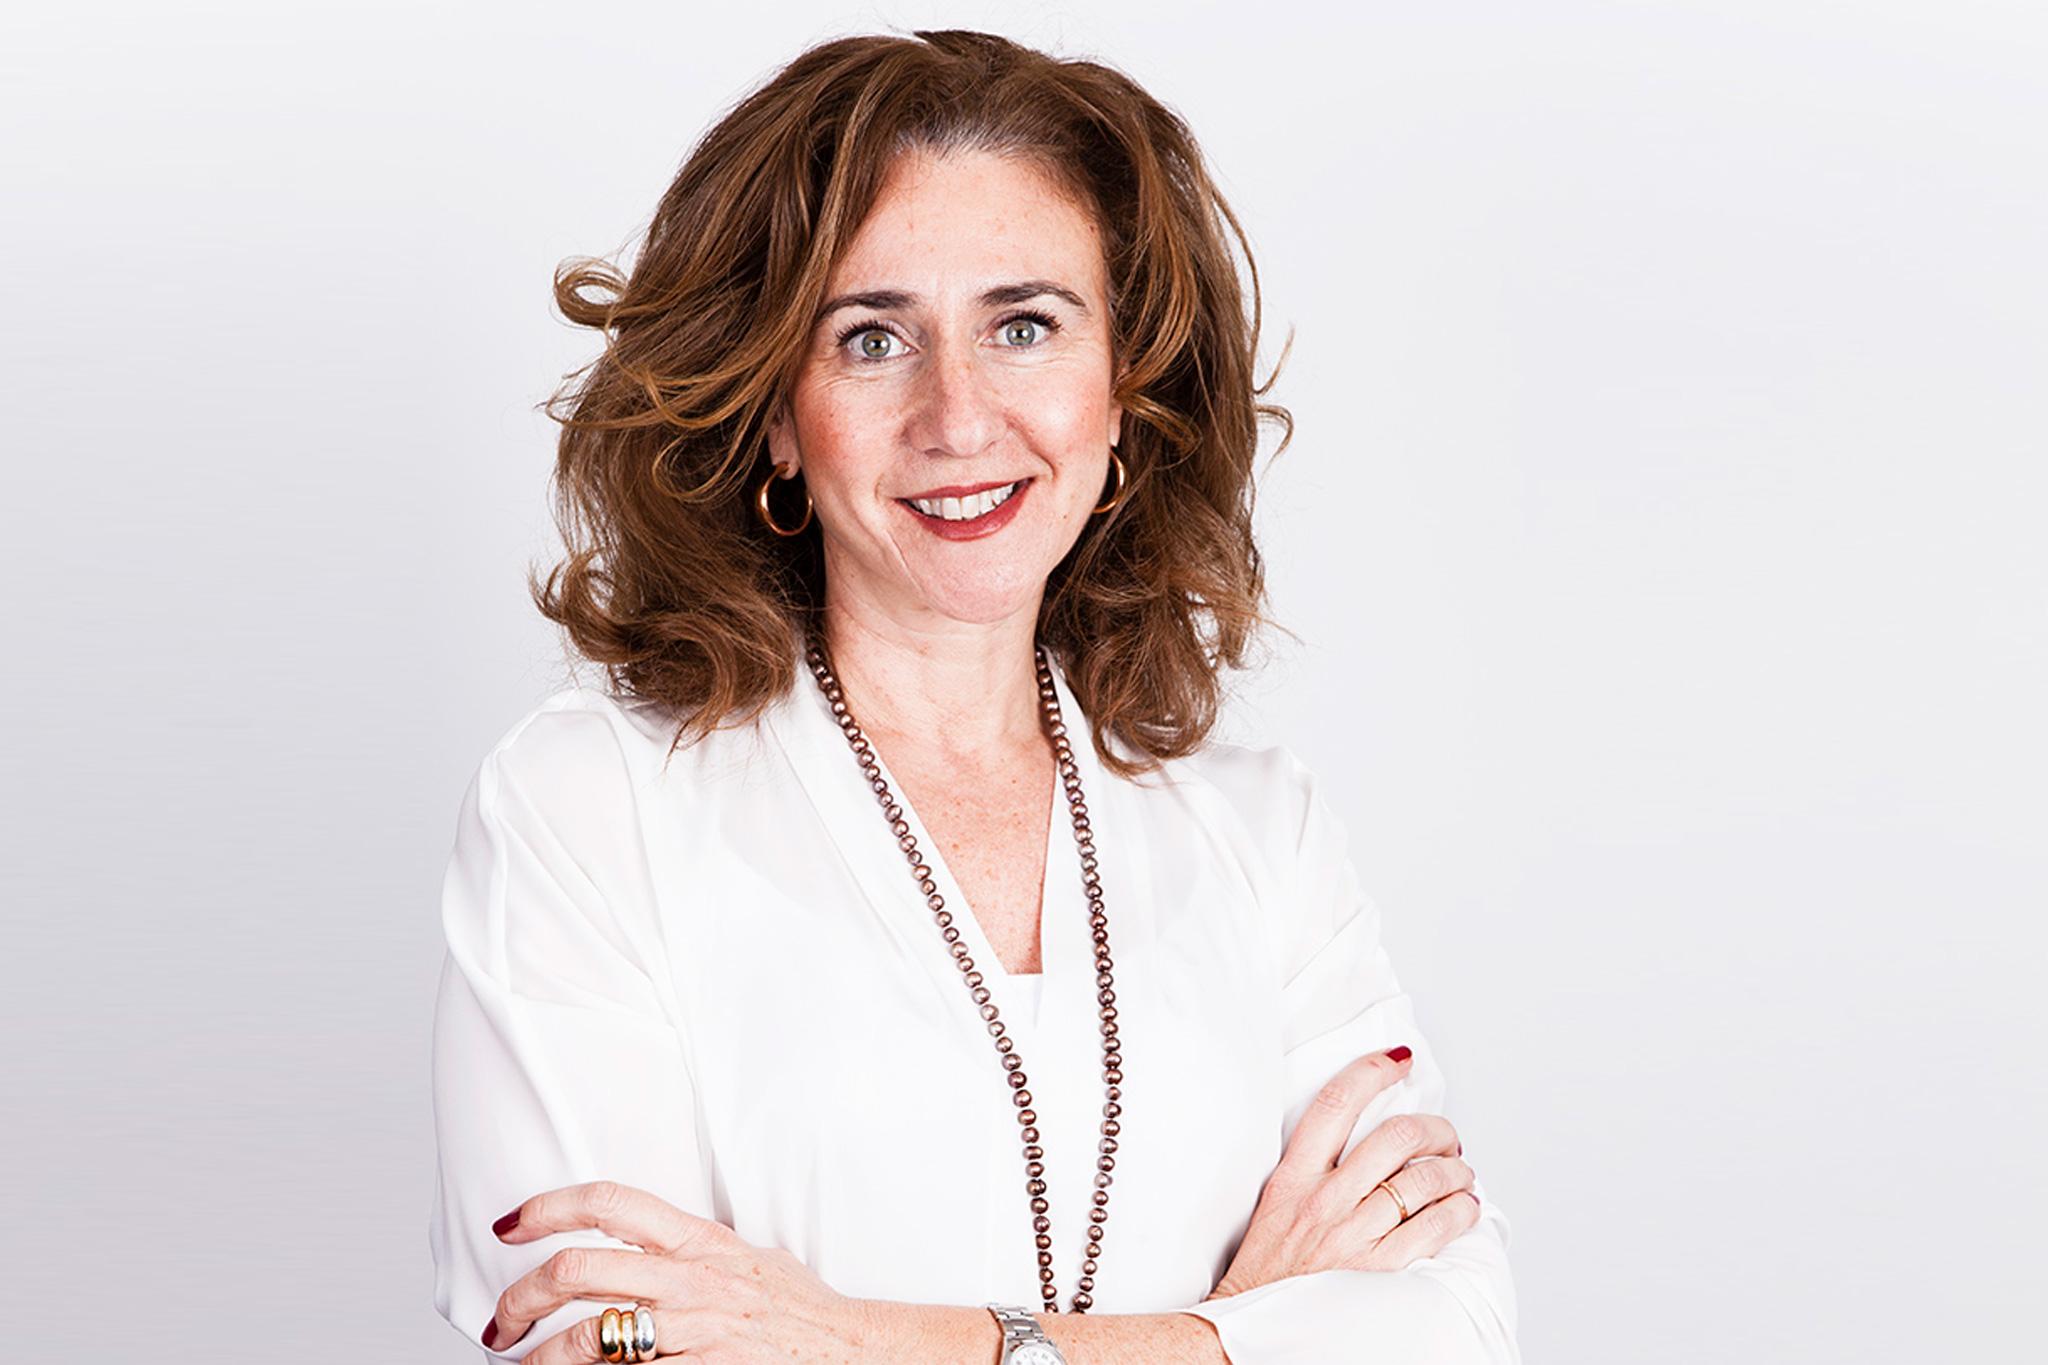 Mar Garre, Directora de Personas y Comunicación Interna de Línea Directa